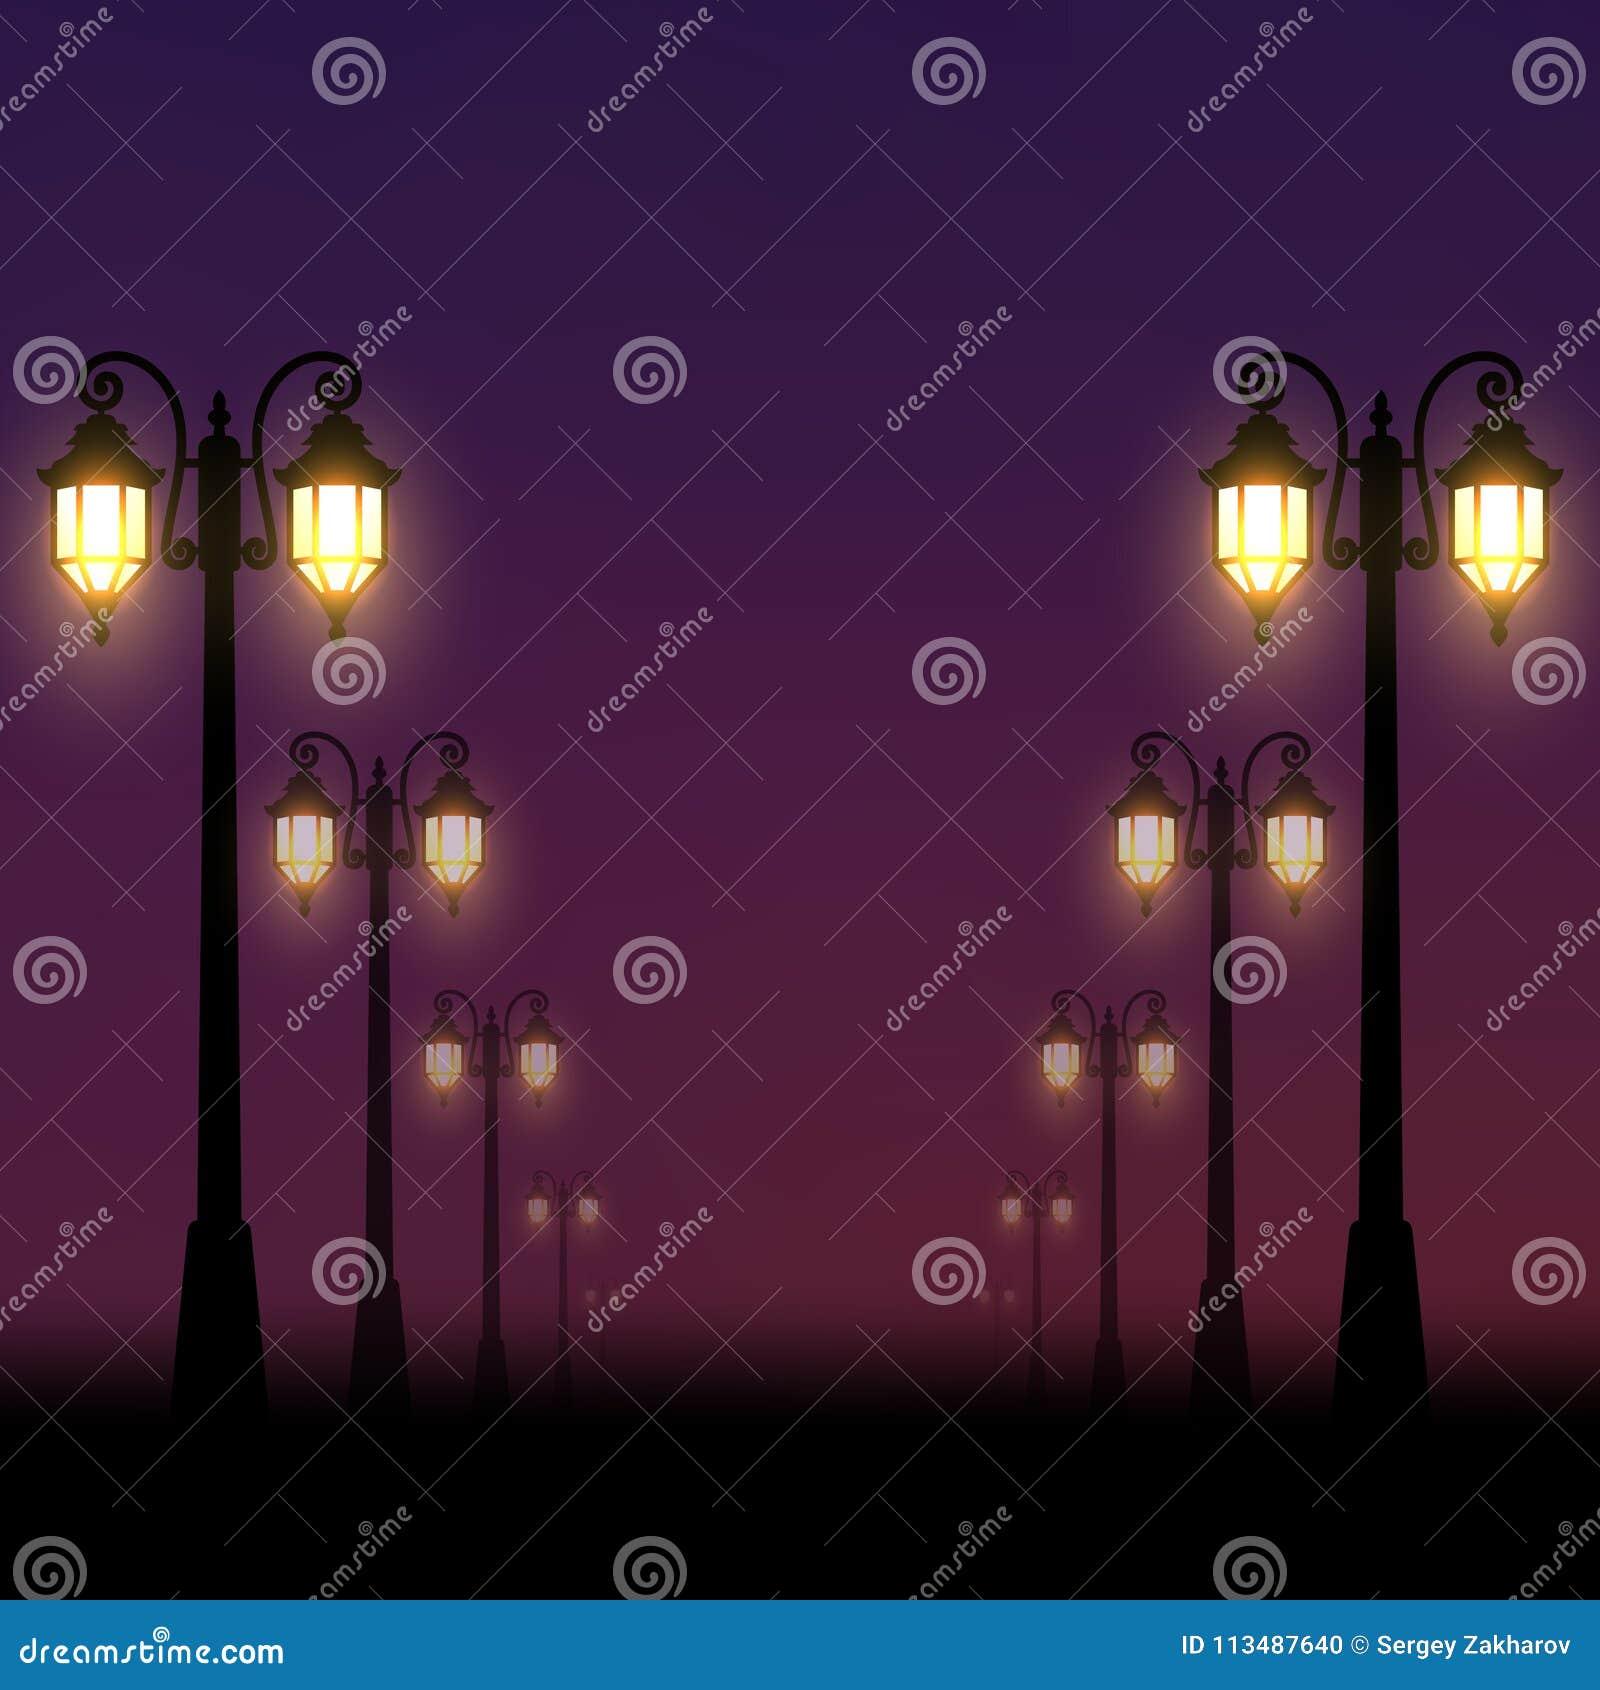 Fondo realista La calle de la tarde se encendió por las linternas a lo largo del callejón